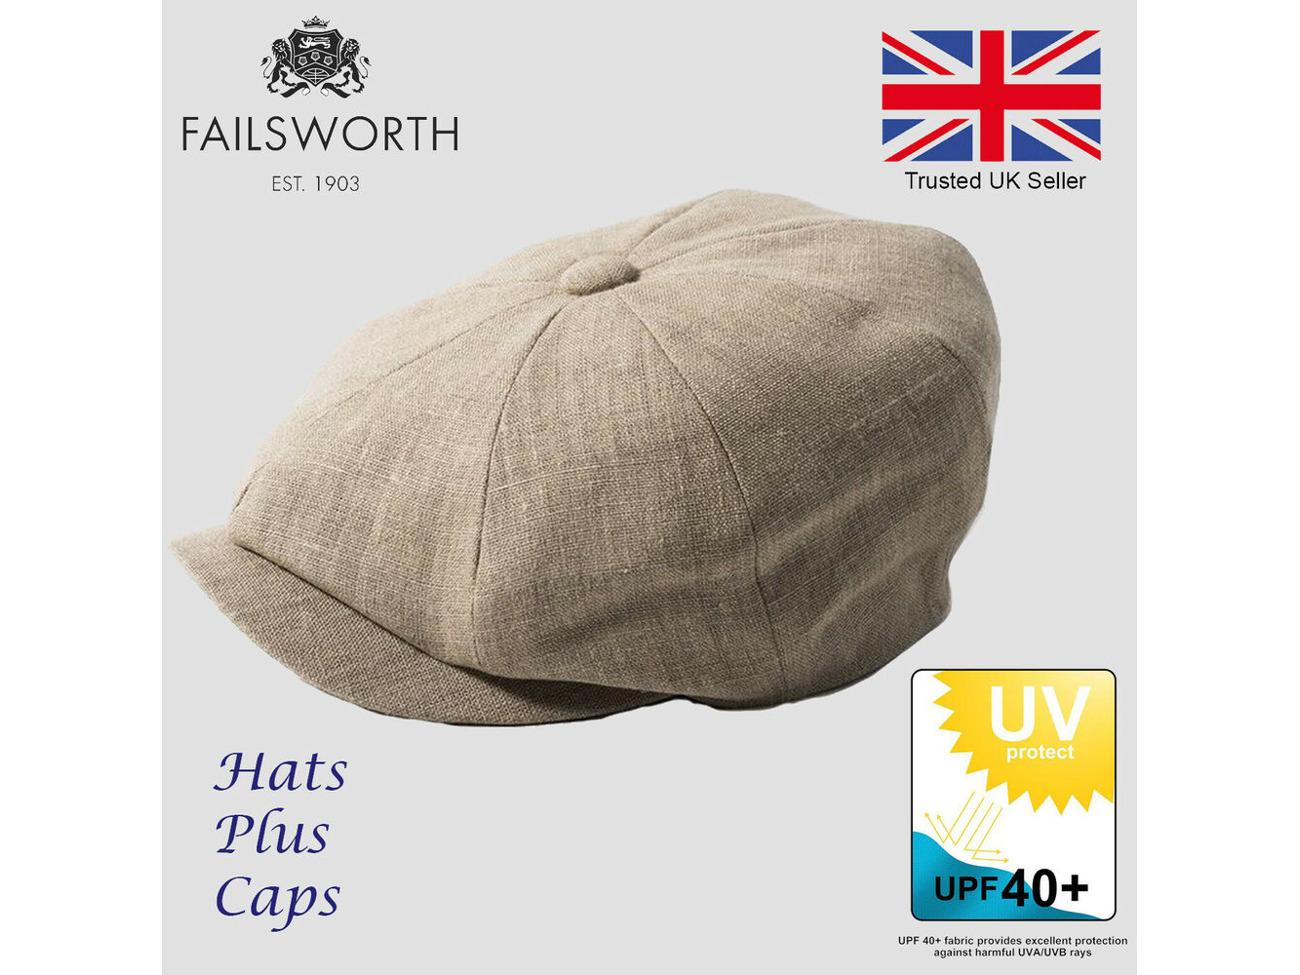 0ae87c45 Buy Failsworth Irish Linen Alfie Summer Newsboy Flat Cap UPF40 Sun Hat  Peaky Blinder   Fat Llama